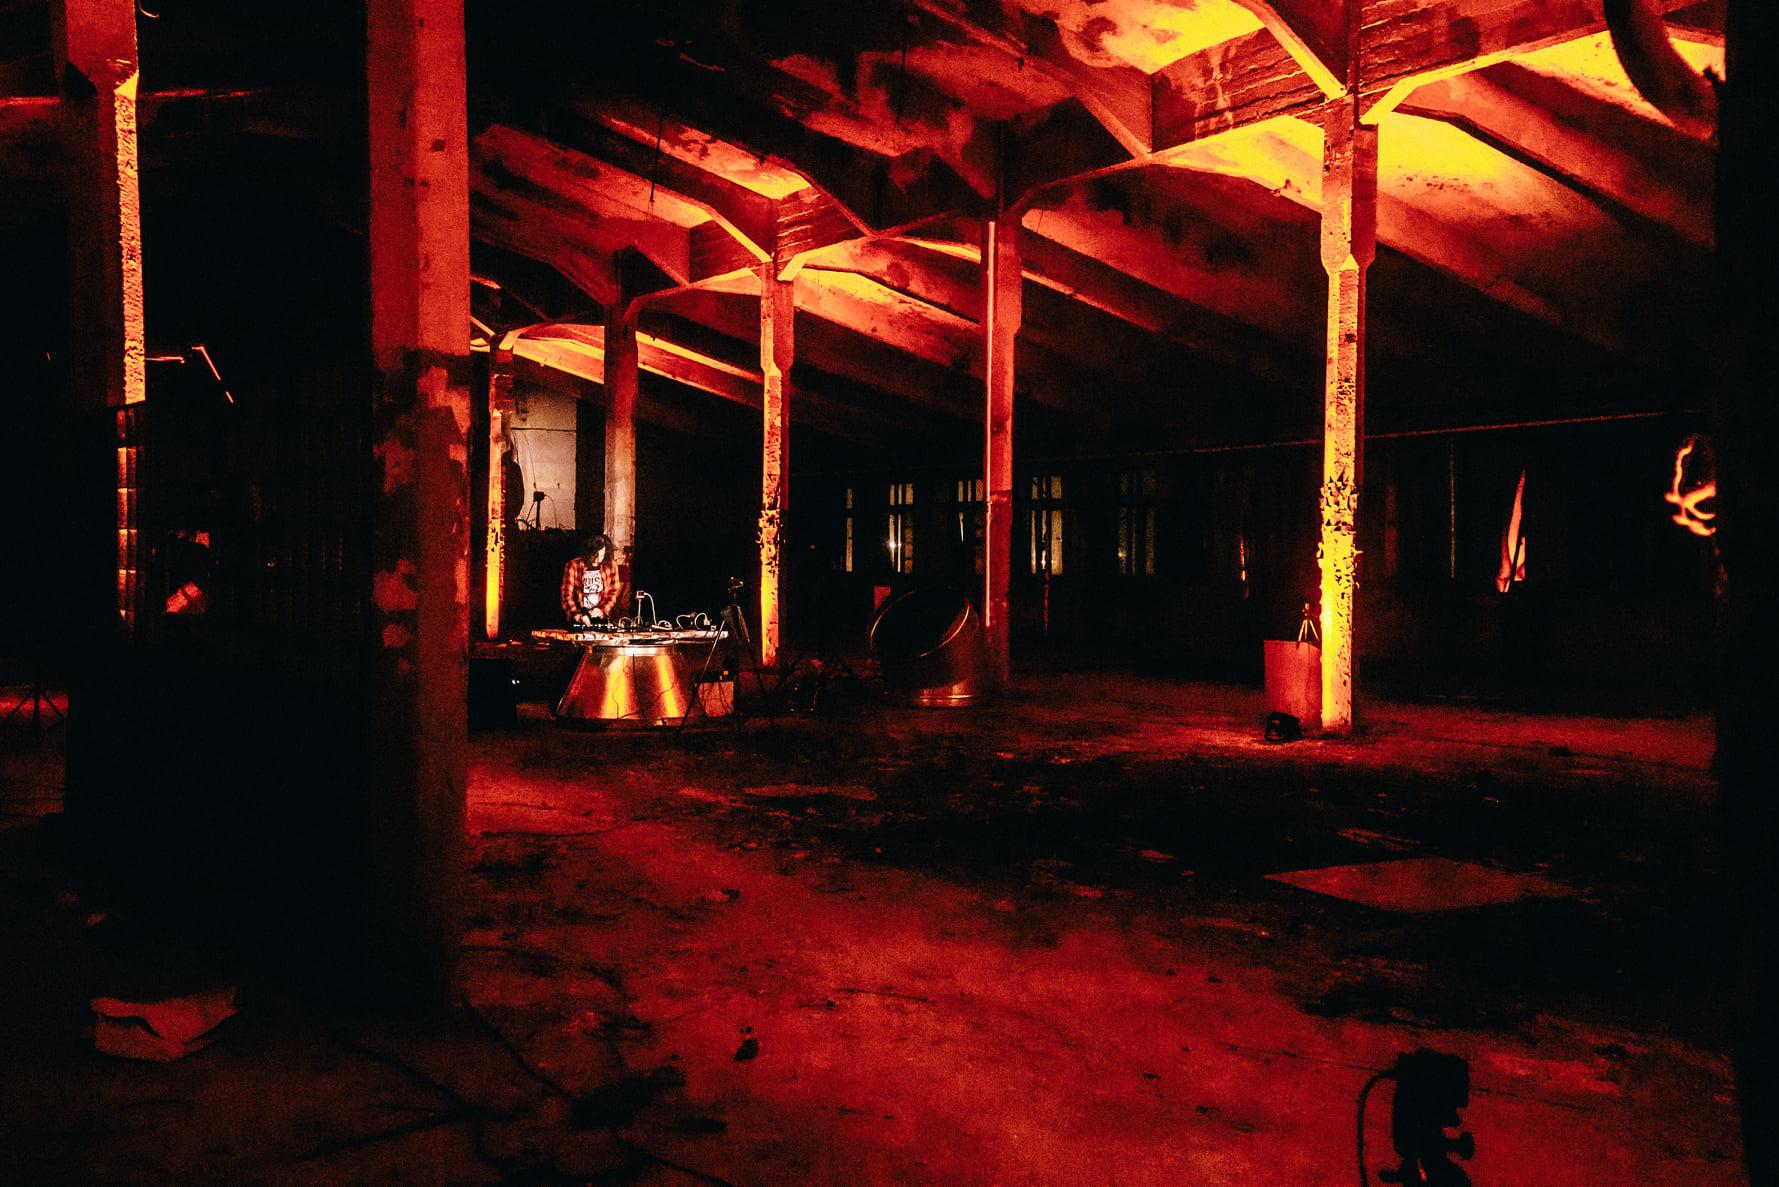 Provodņik telpās notika elektroniskās mūzikas tiešsaistes koncerts